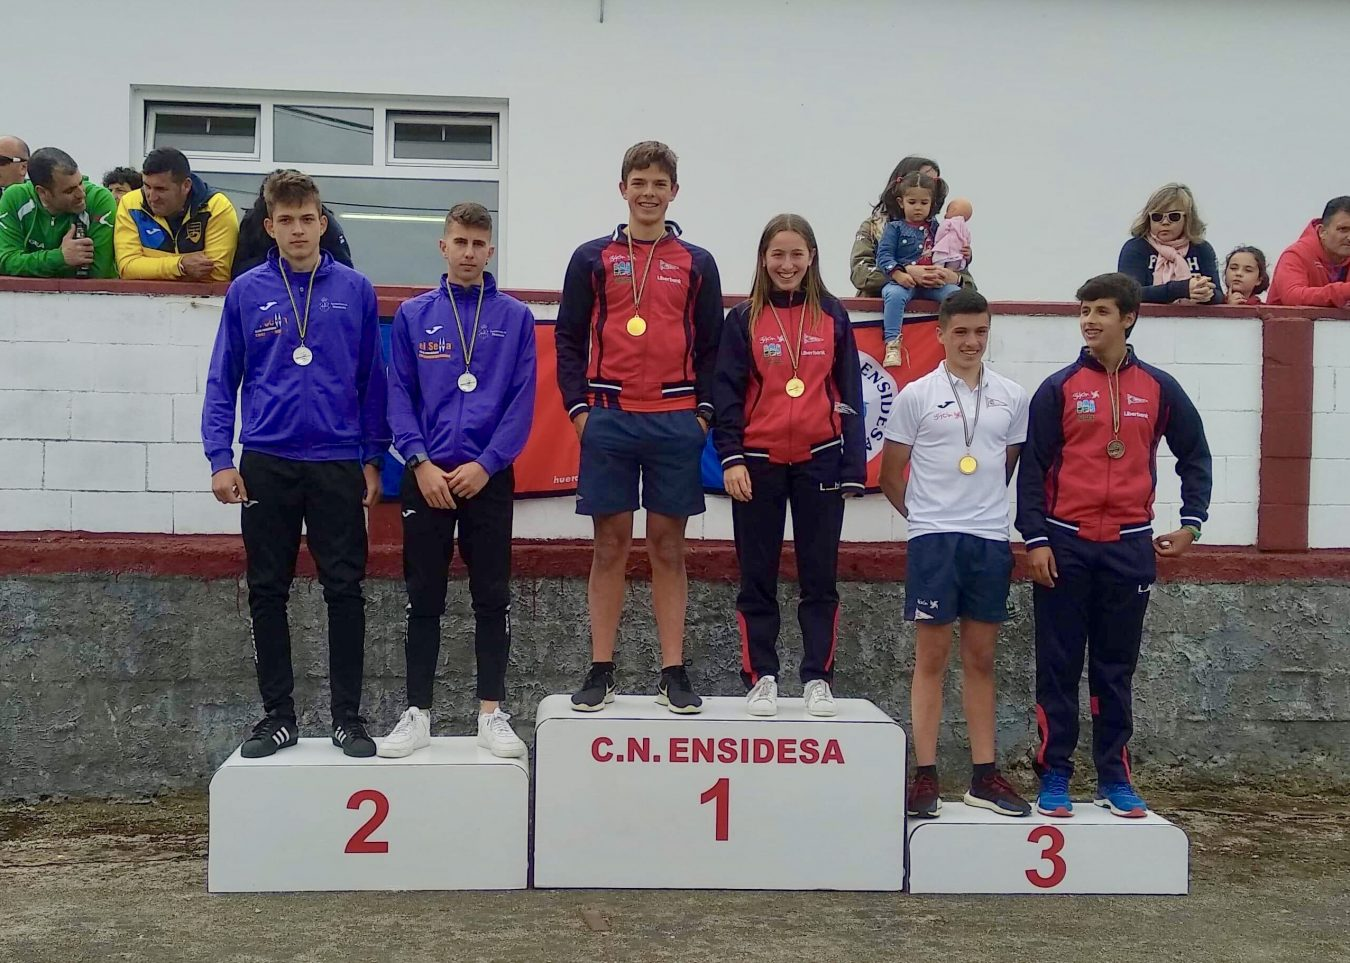 Busto-Geringer (El Sella) Campeones de Asturias K2